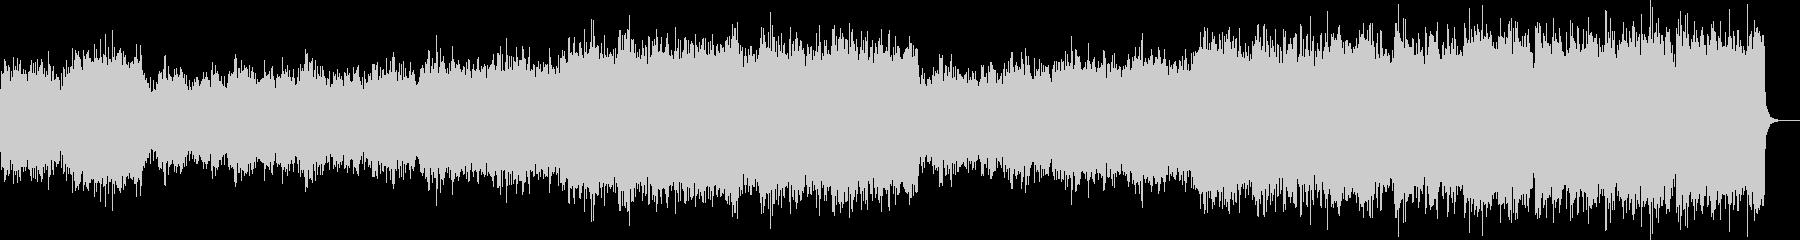 クラシック風のBGMですの未再生の波形